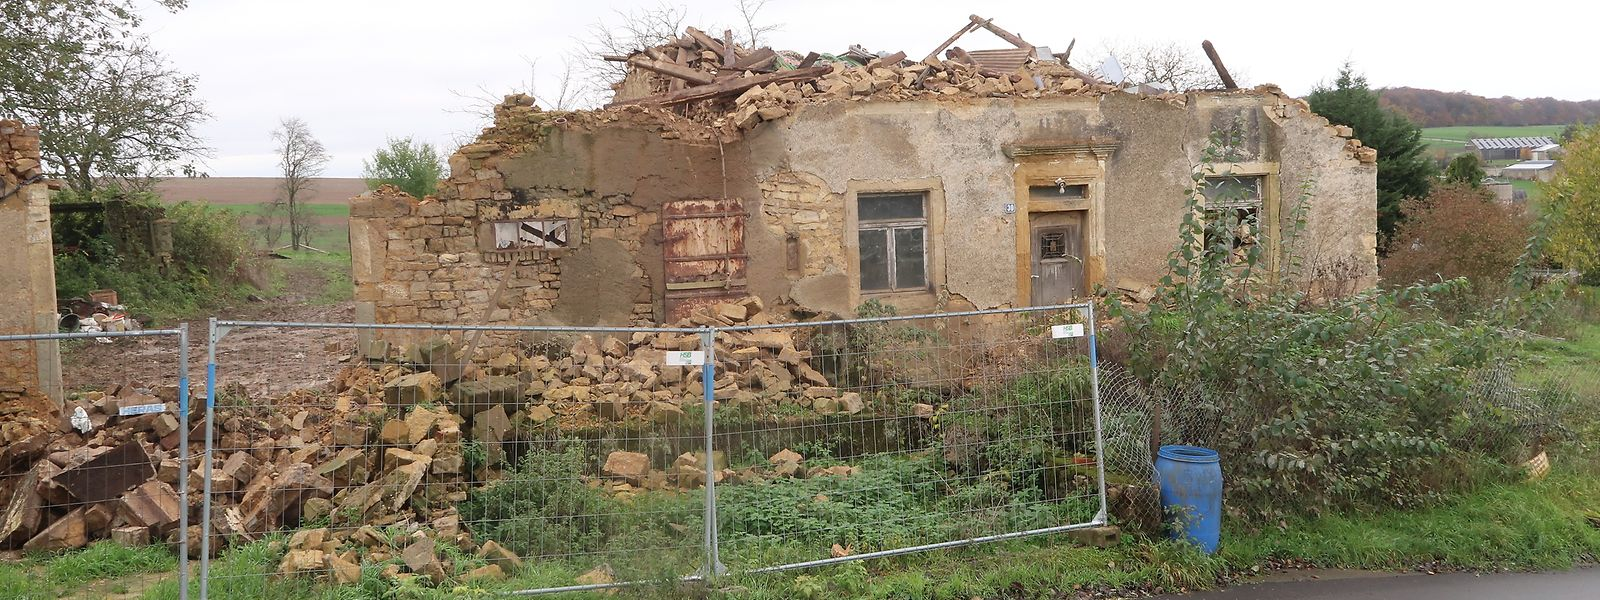 Das Haus am Ortseingang von Beyren sieht aus wie nach einem Bombenangriff.